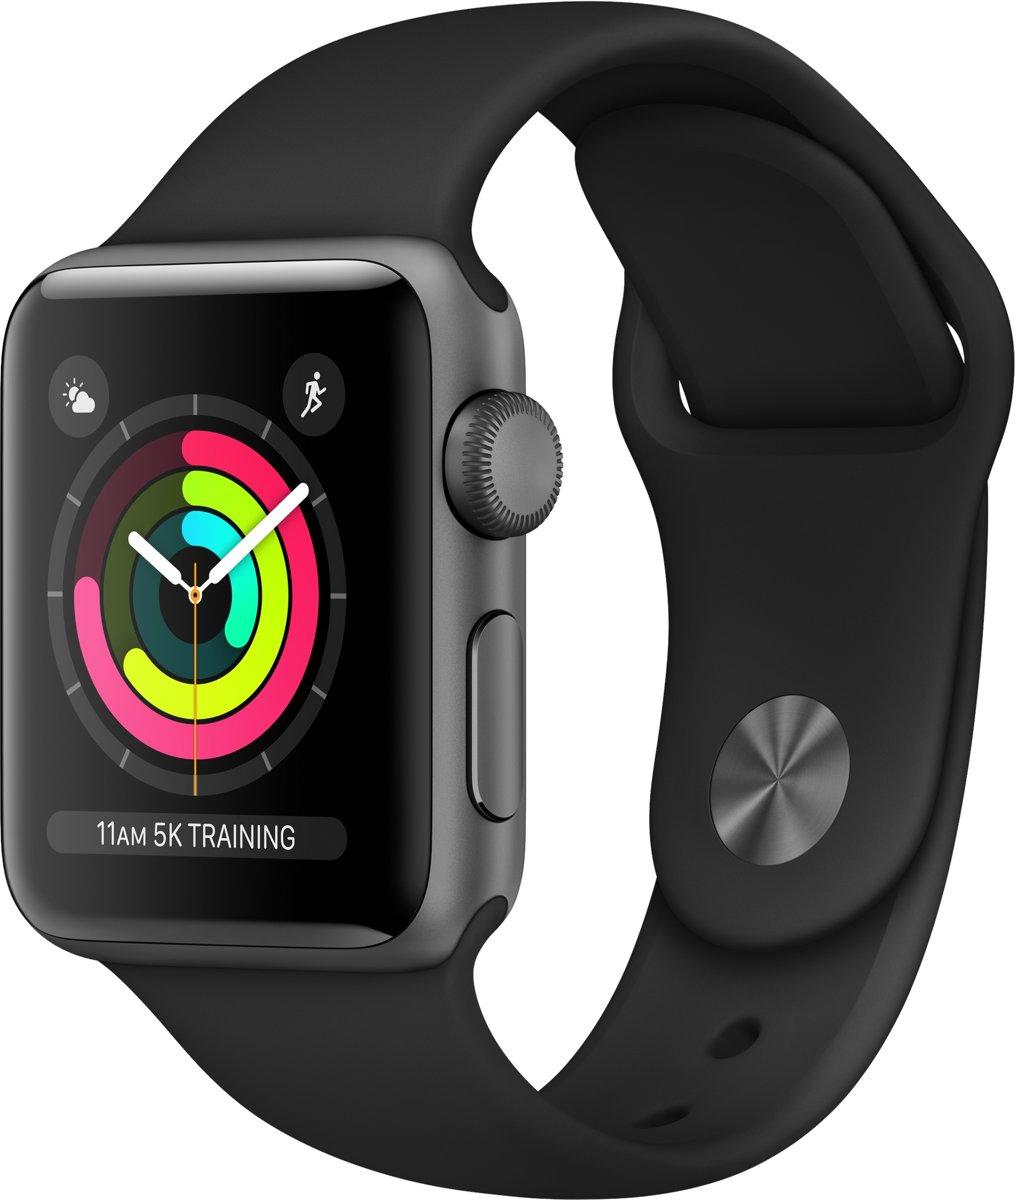 Apple Watch Series 3 - Smartwatch 38mm - Spacegrijs Aluminium / Zwart Sportband